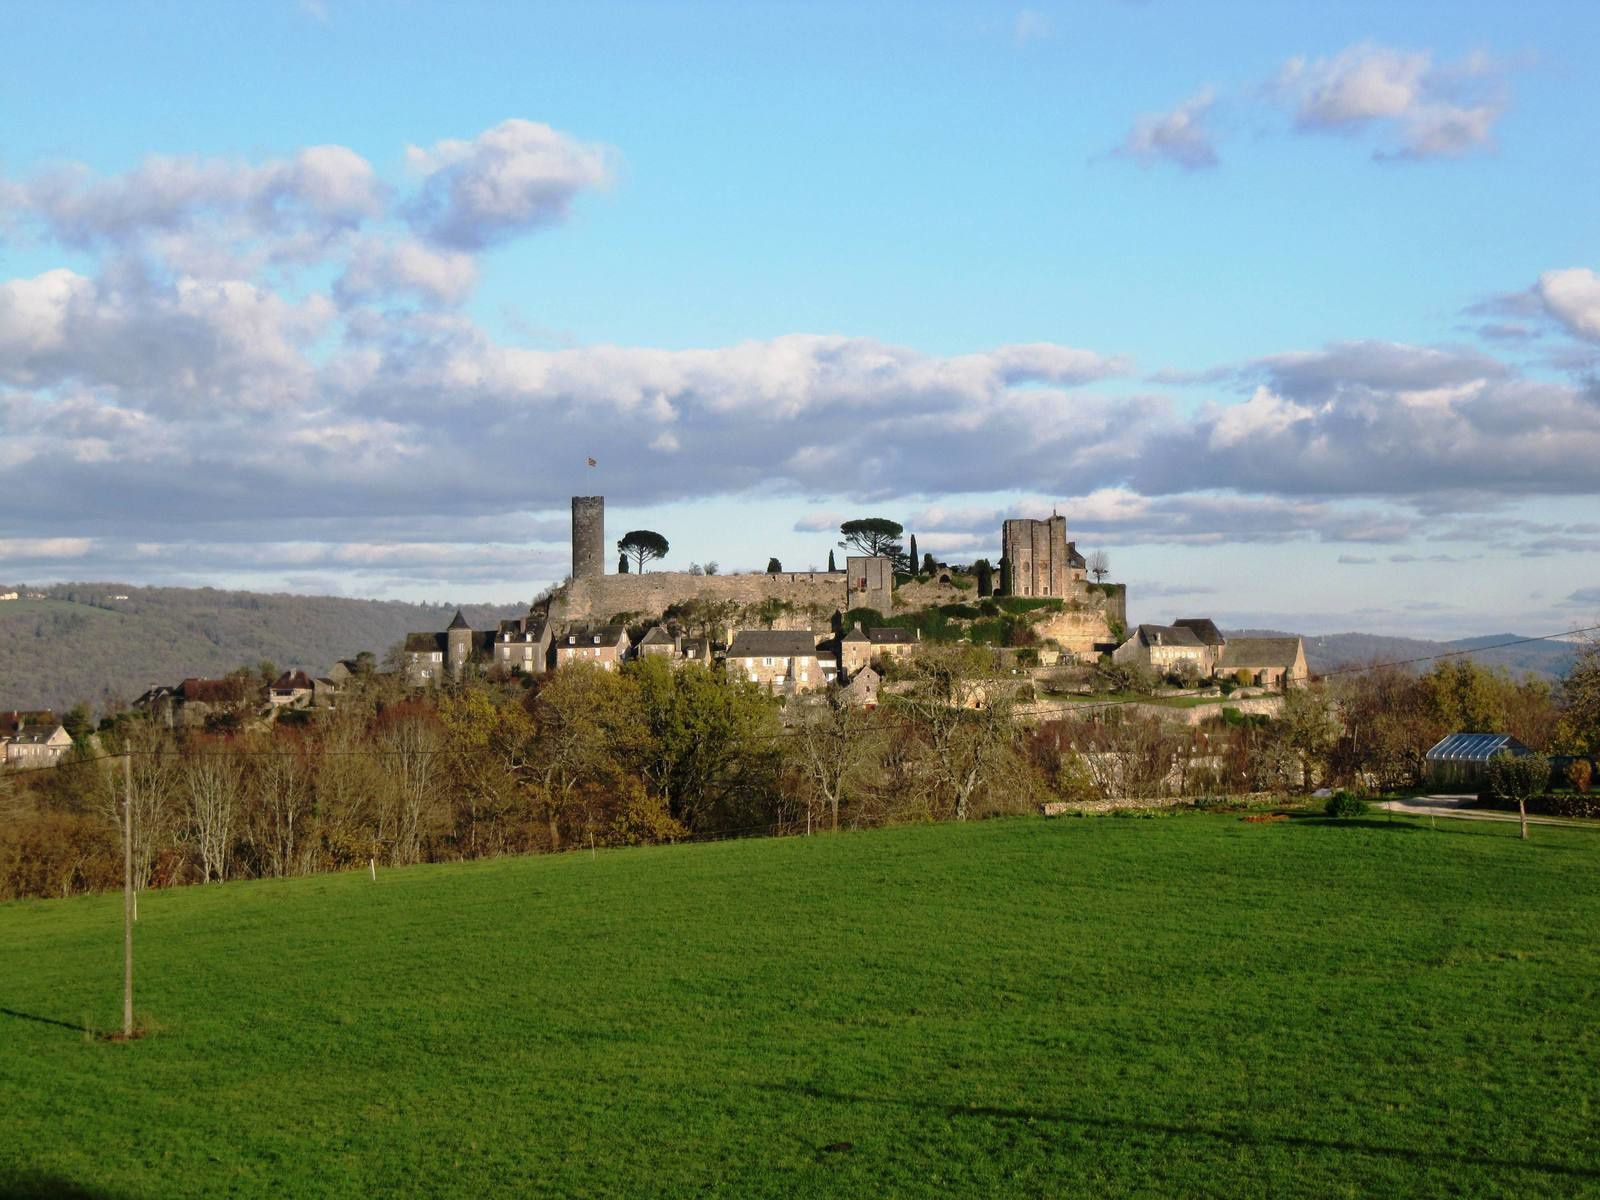 Vue sur le château de Turenne